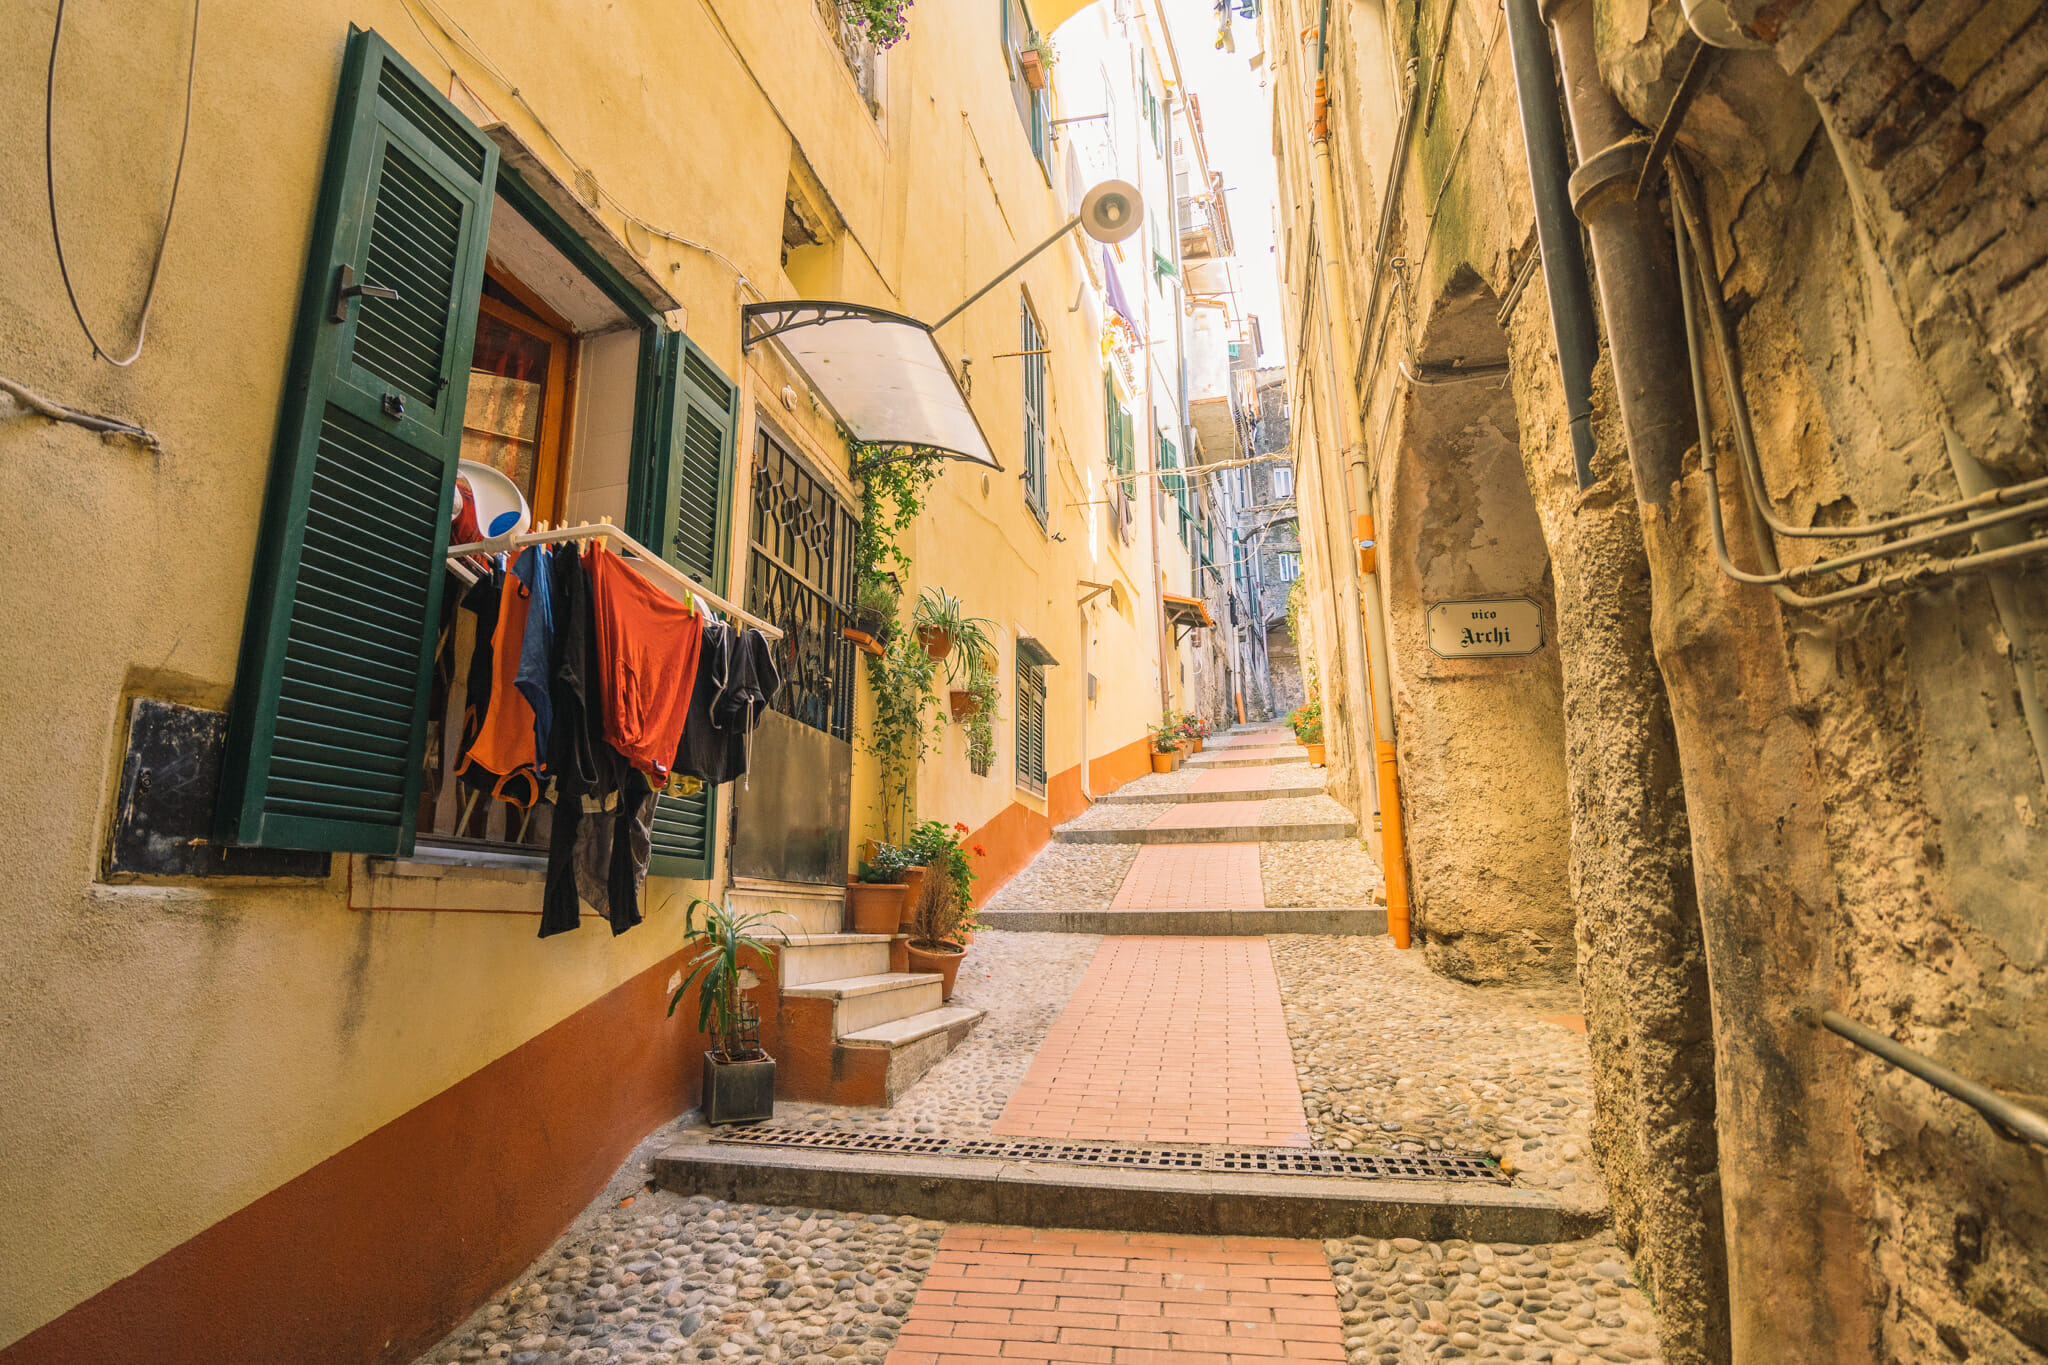 Ruelles colorées à Ventimille en Italie